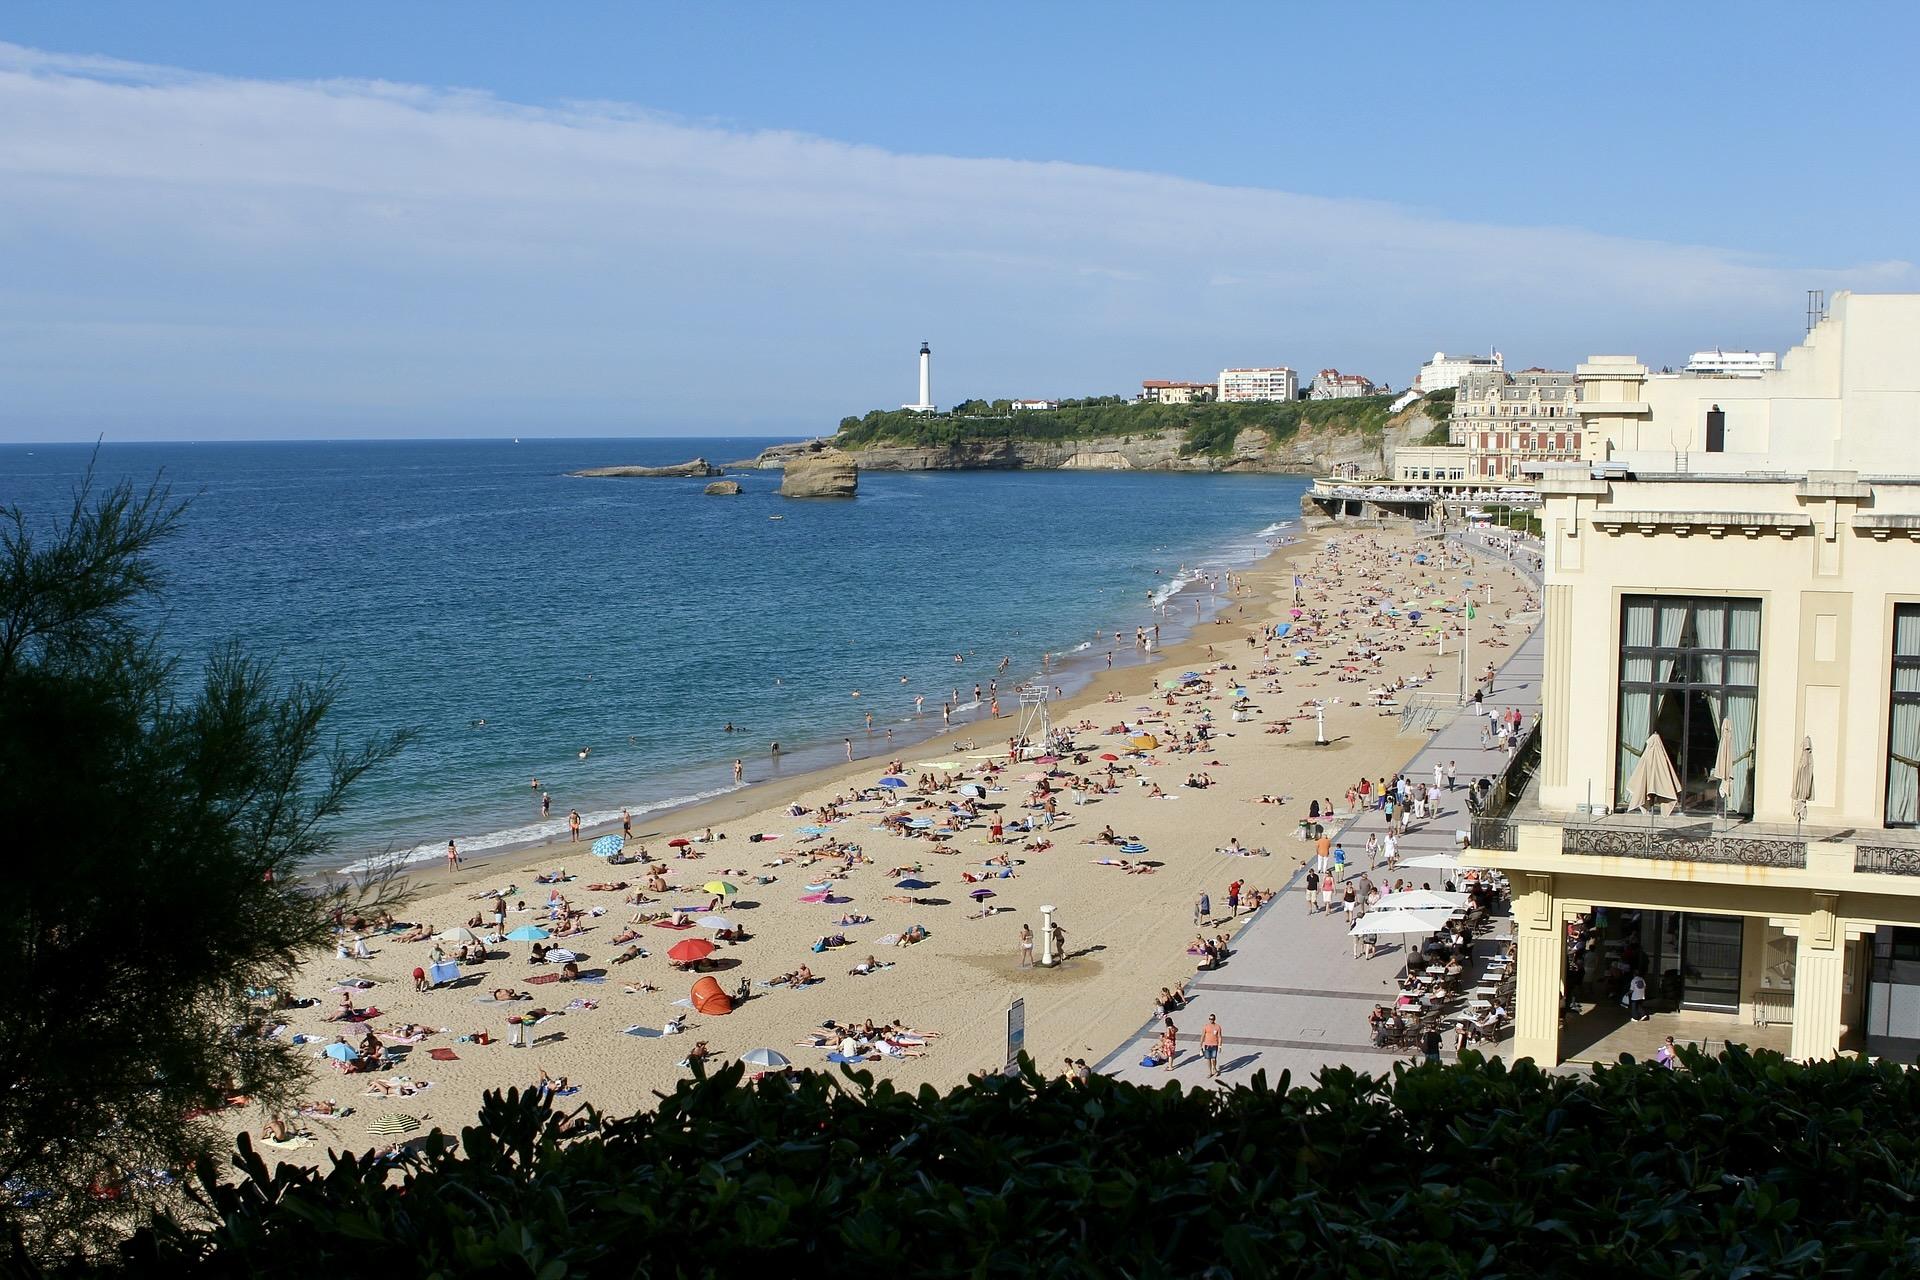 Ausblick auf den Grand Plage von Biarritz